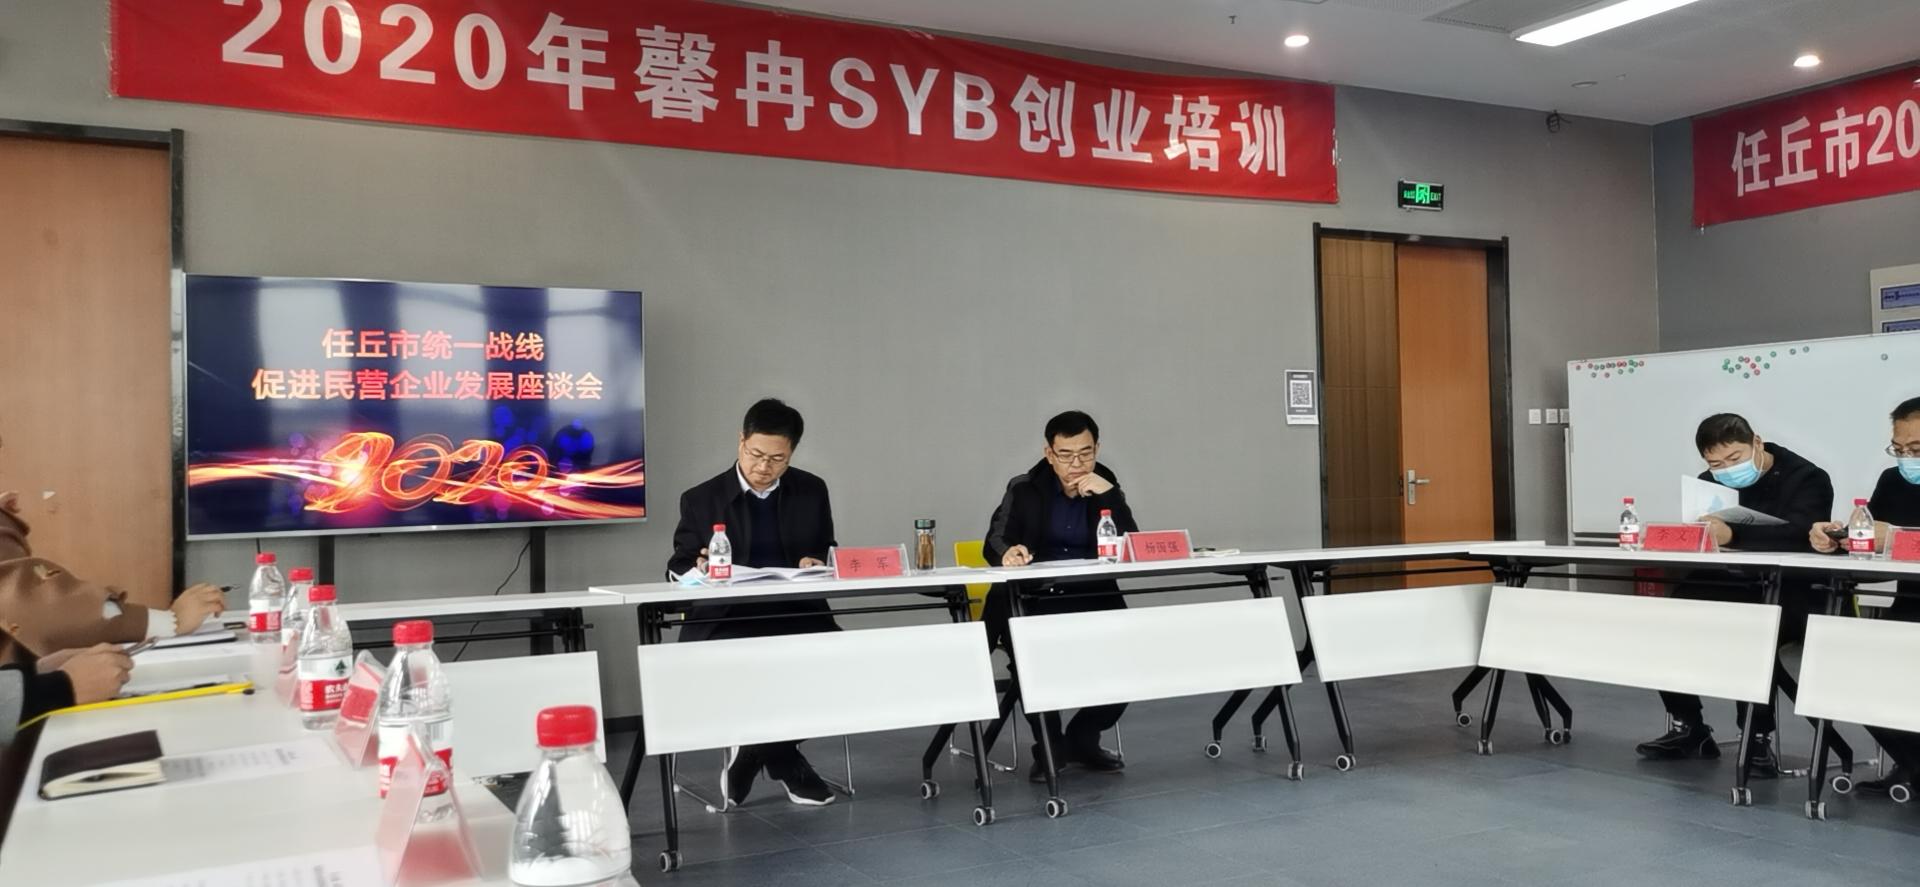 副会长刘东彬代表协会应邀参加任丘市统一战线促进民营企业发展座谈会